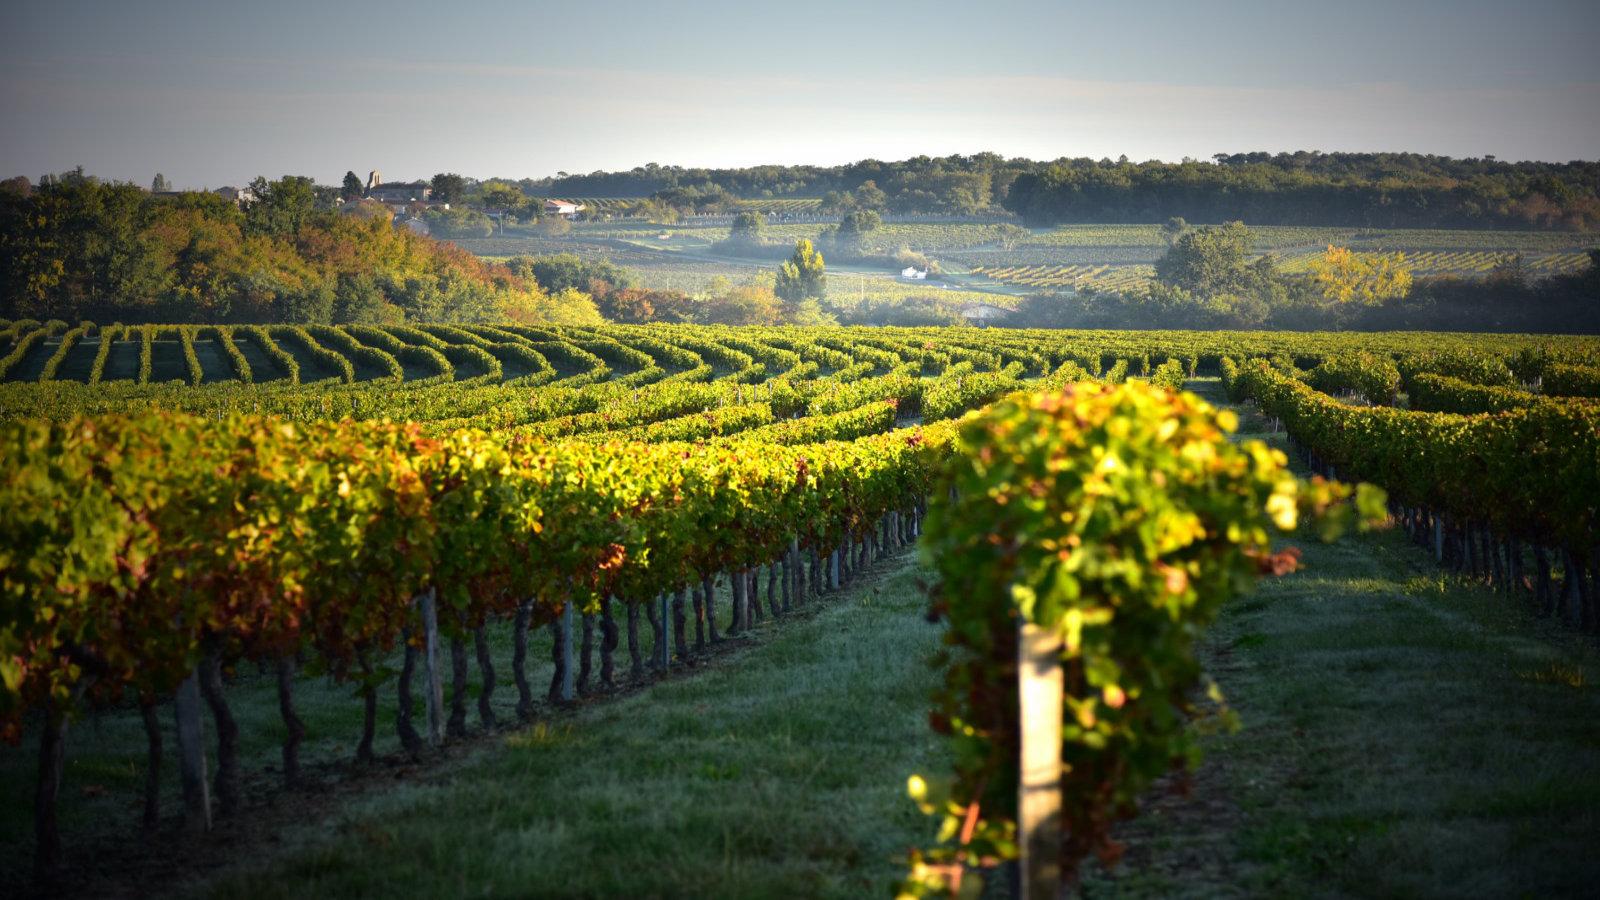 Les vignes du domaine viticole